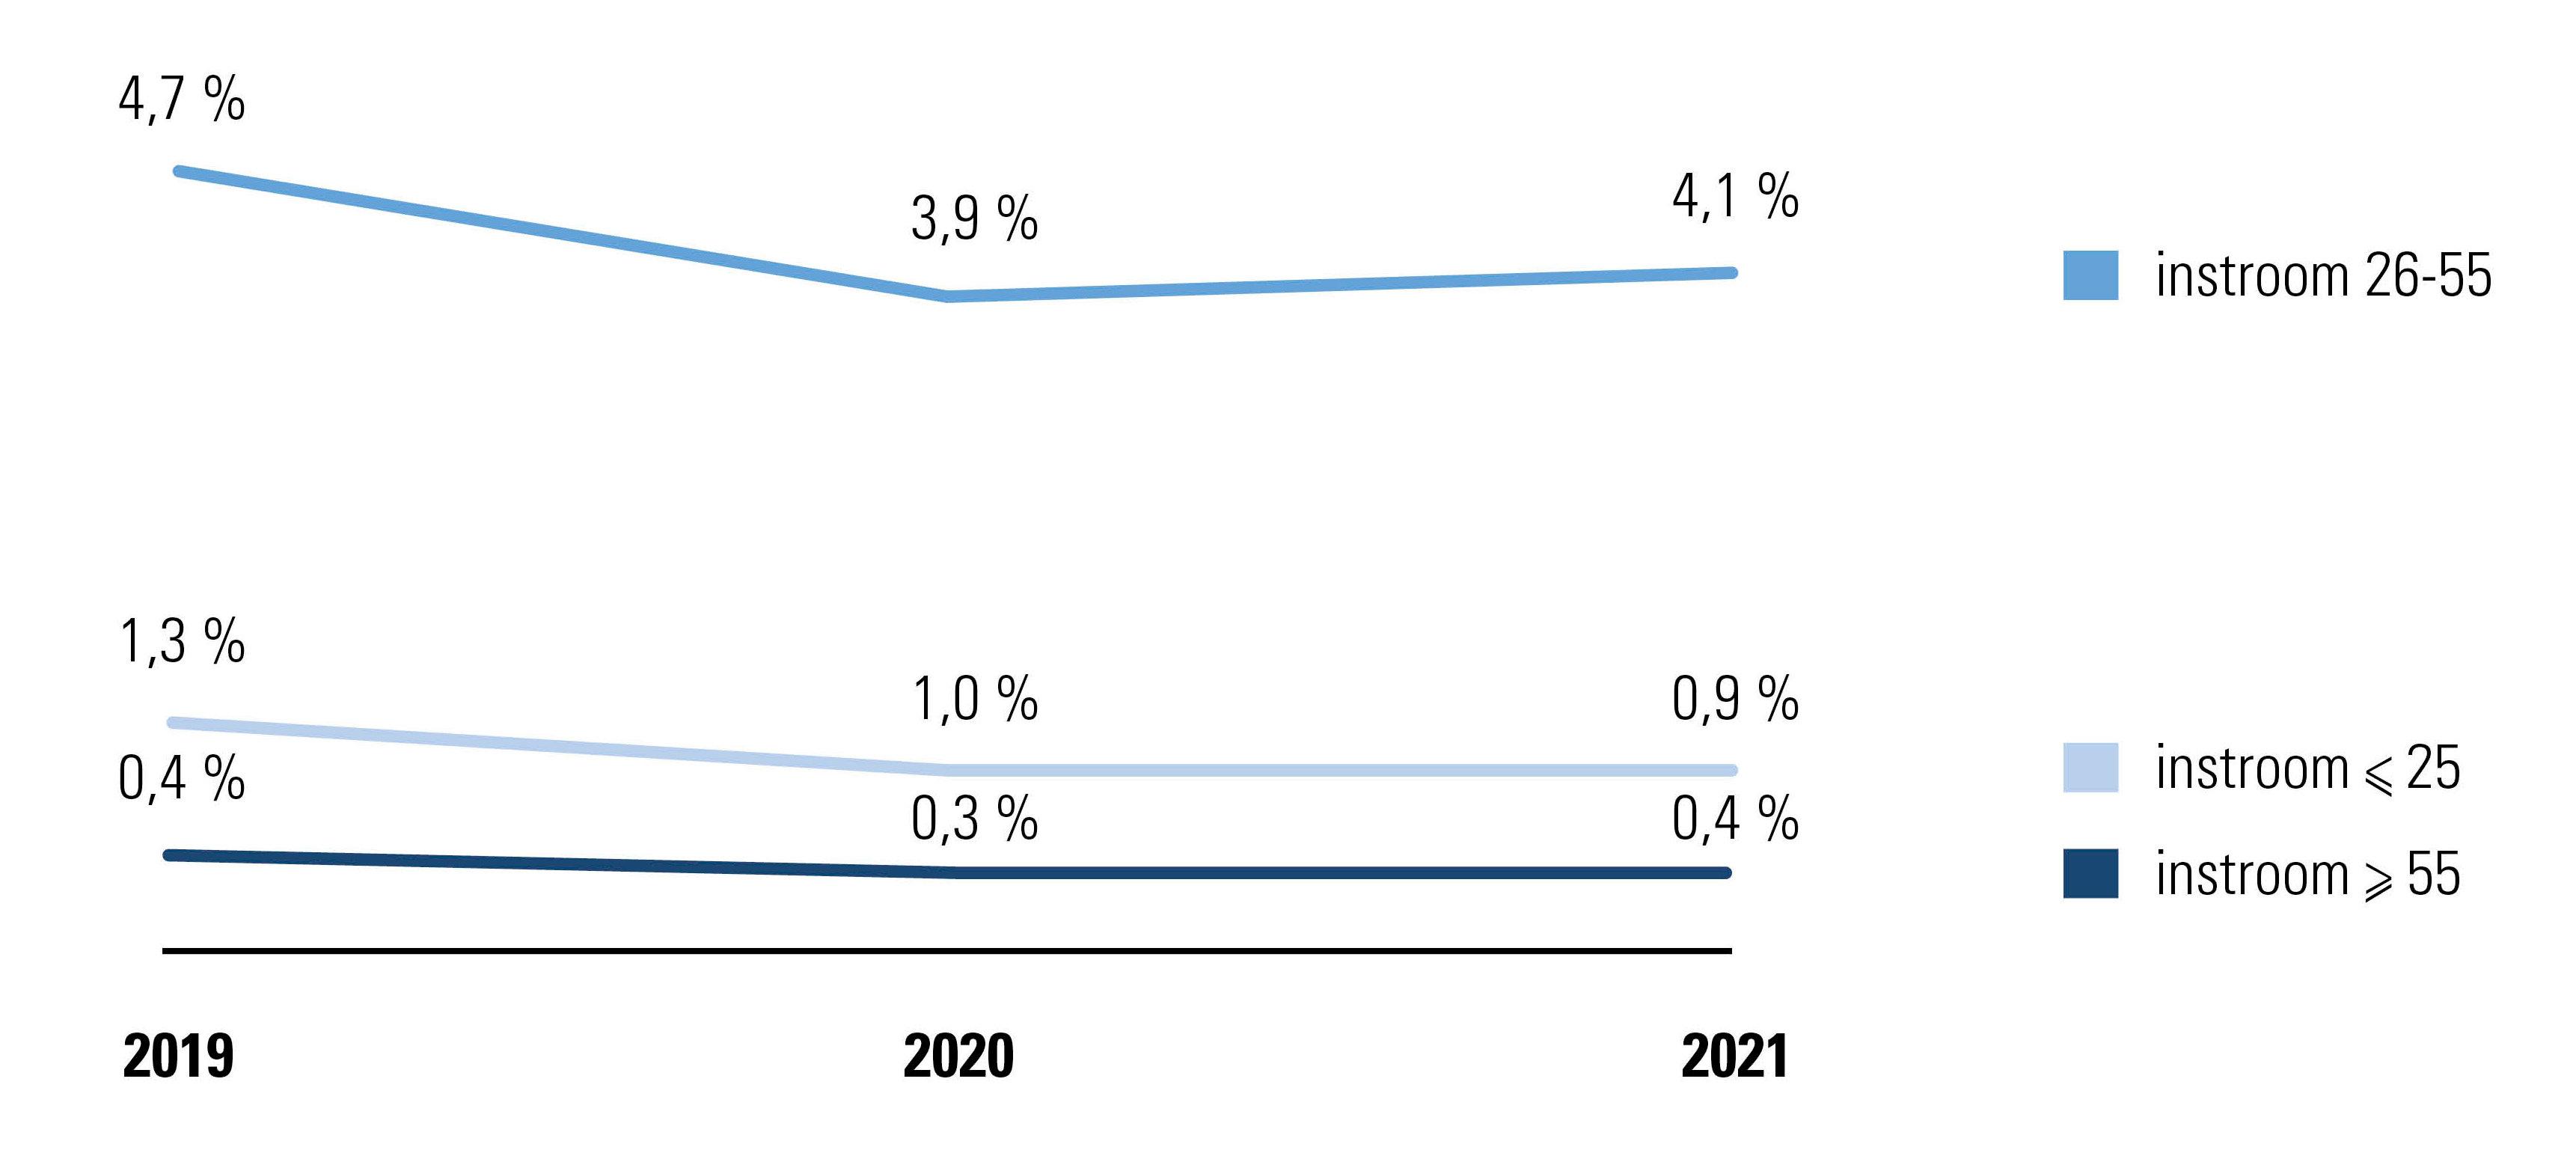 Instroom werknemers met arbeidscontract van onbepaalde duur tijdens eerste semester van 2019, 2020 en 2021, per leeftijdscategorie, evolutie tegenover totaal aantal werknemers